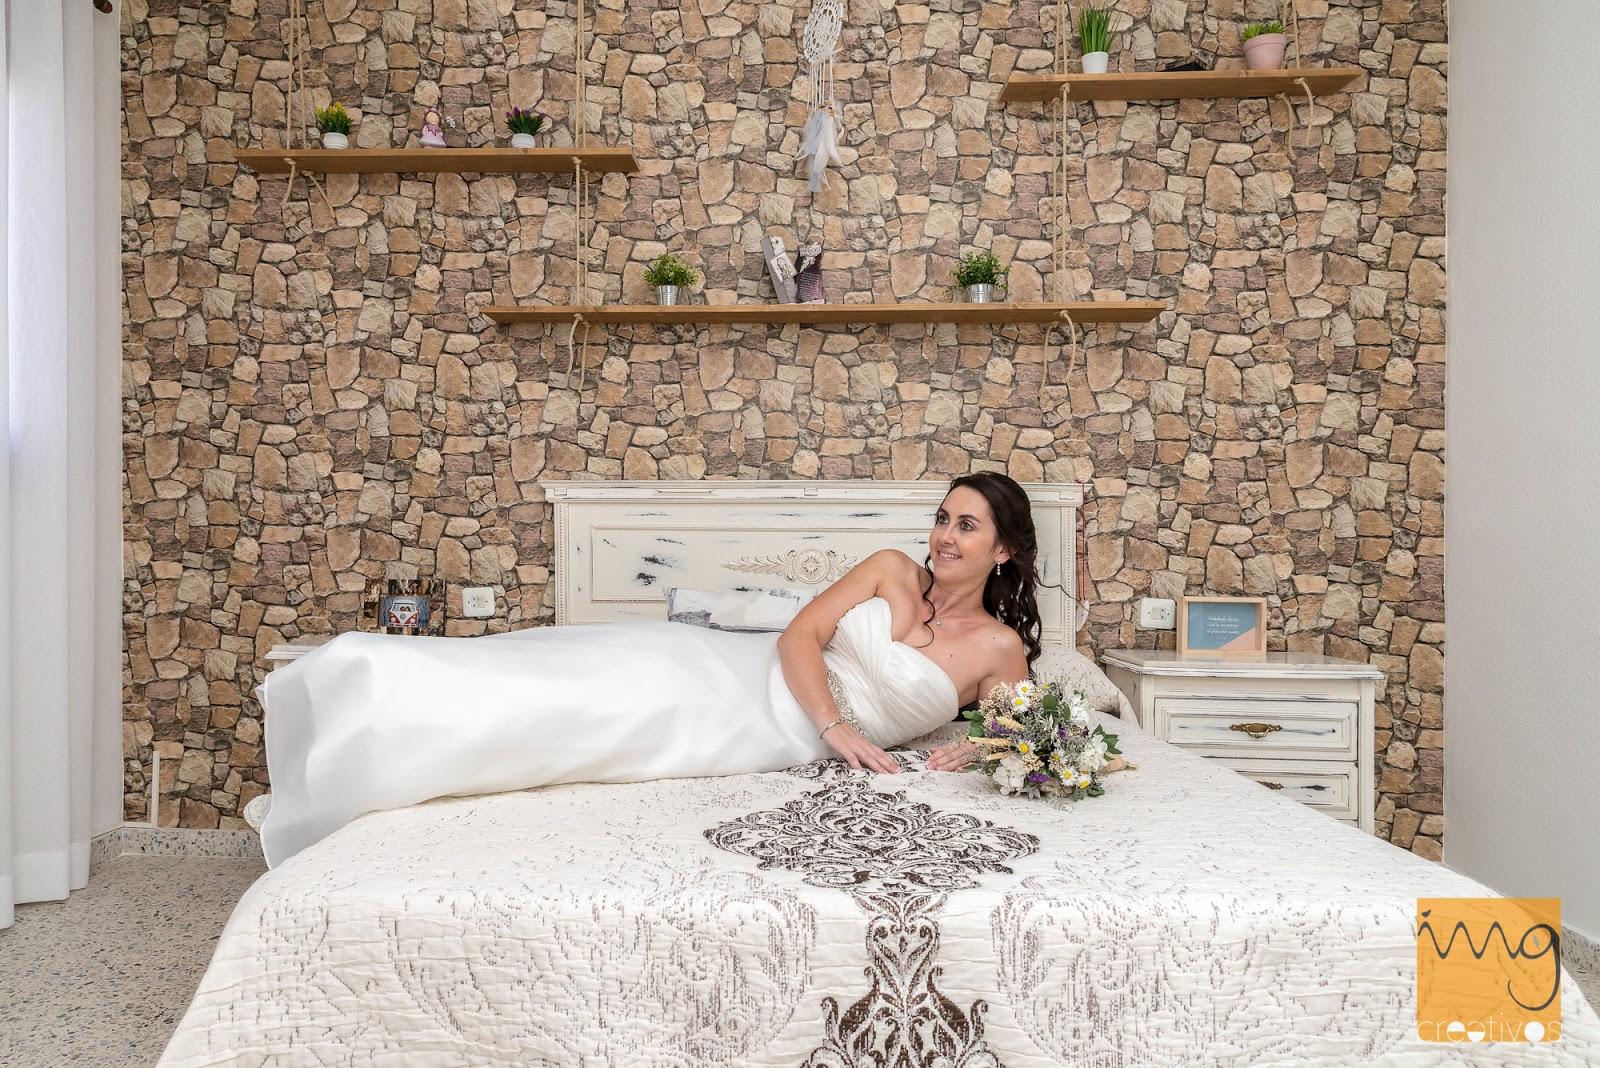 Reportaje de boda en casa de la novia